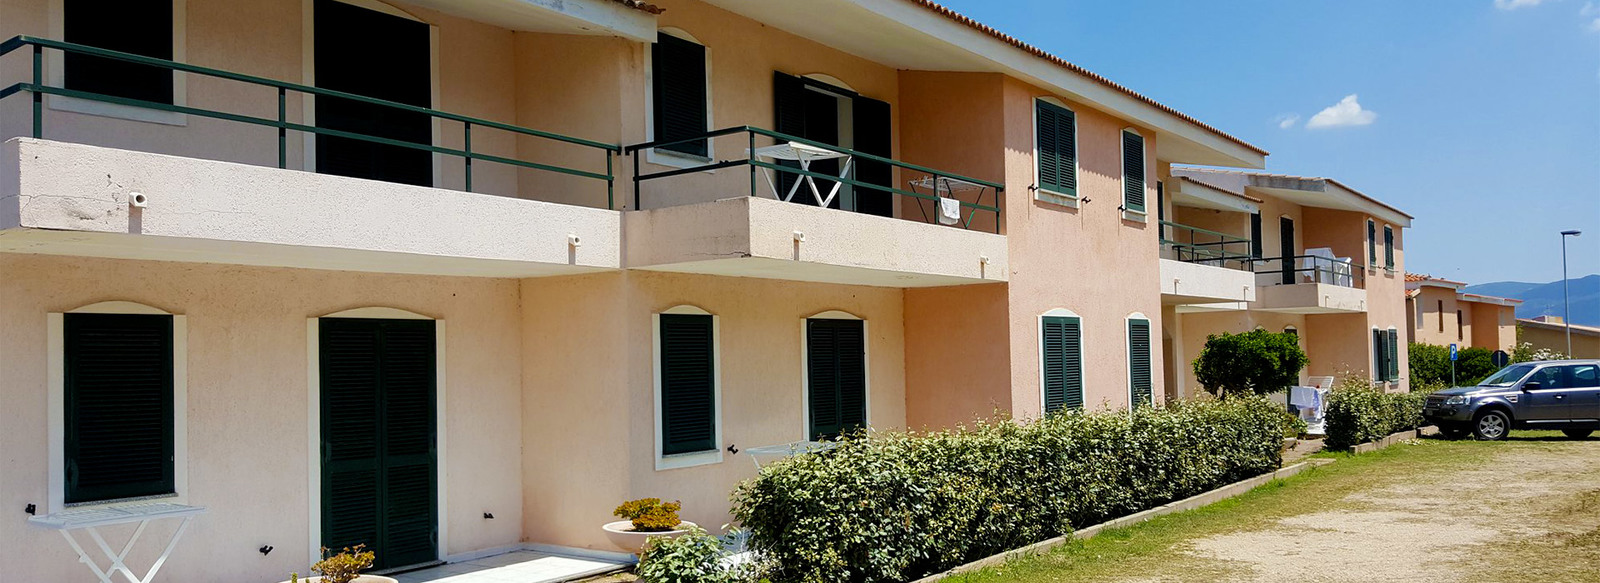 Appartamenti a 100 metri dal mare